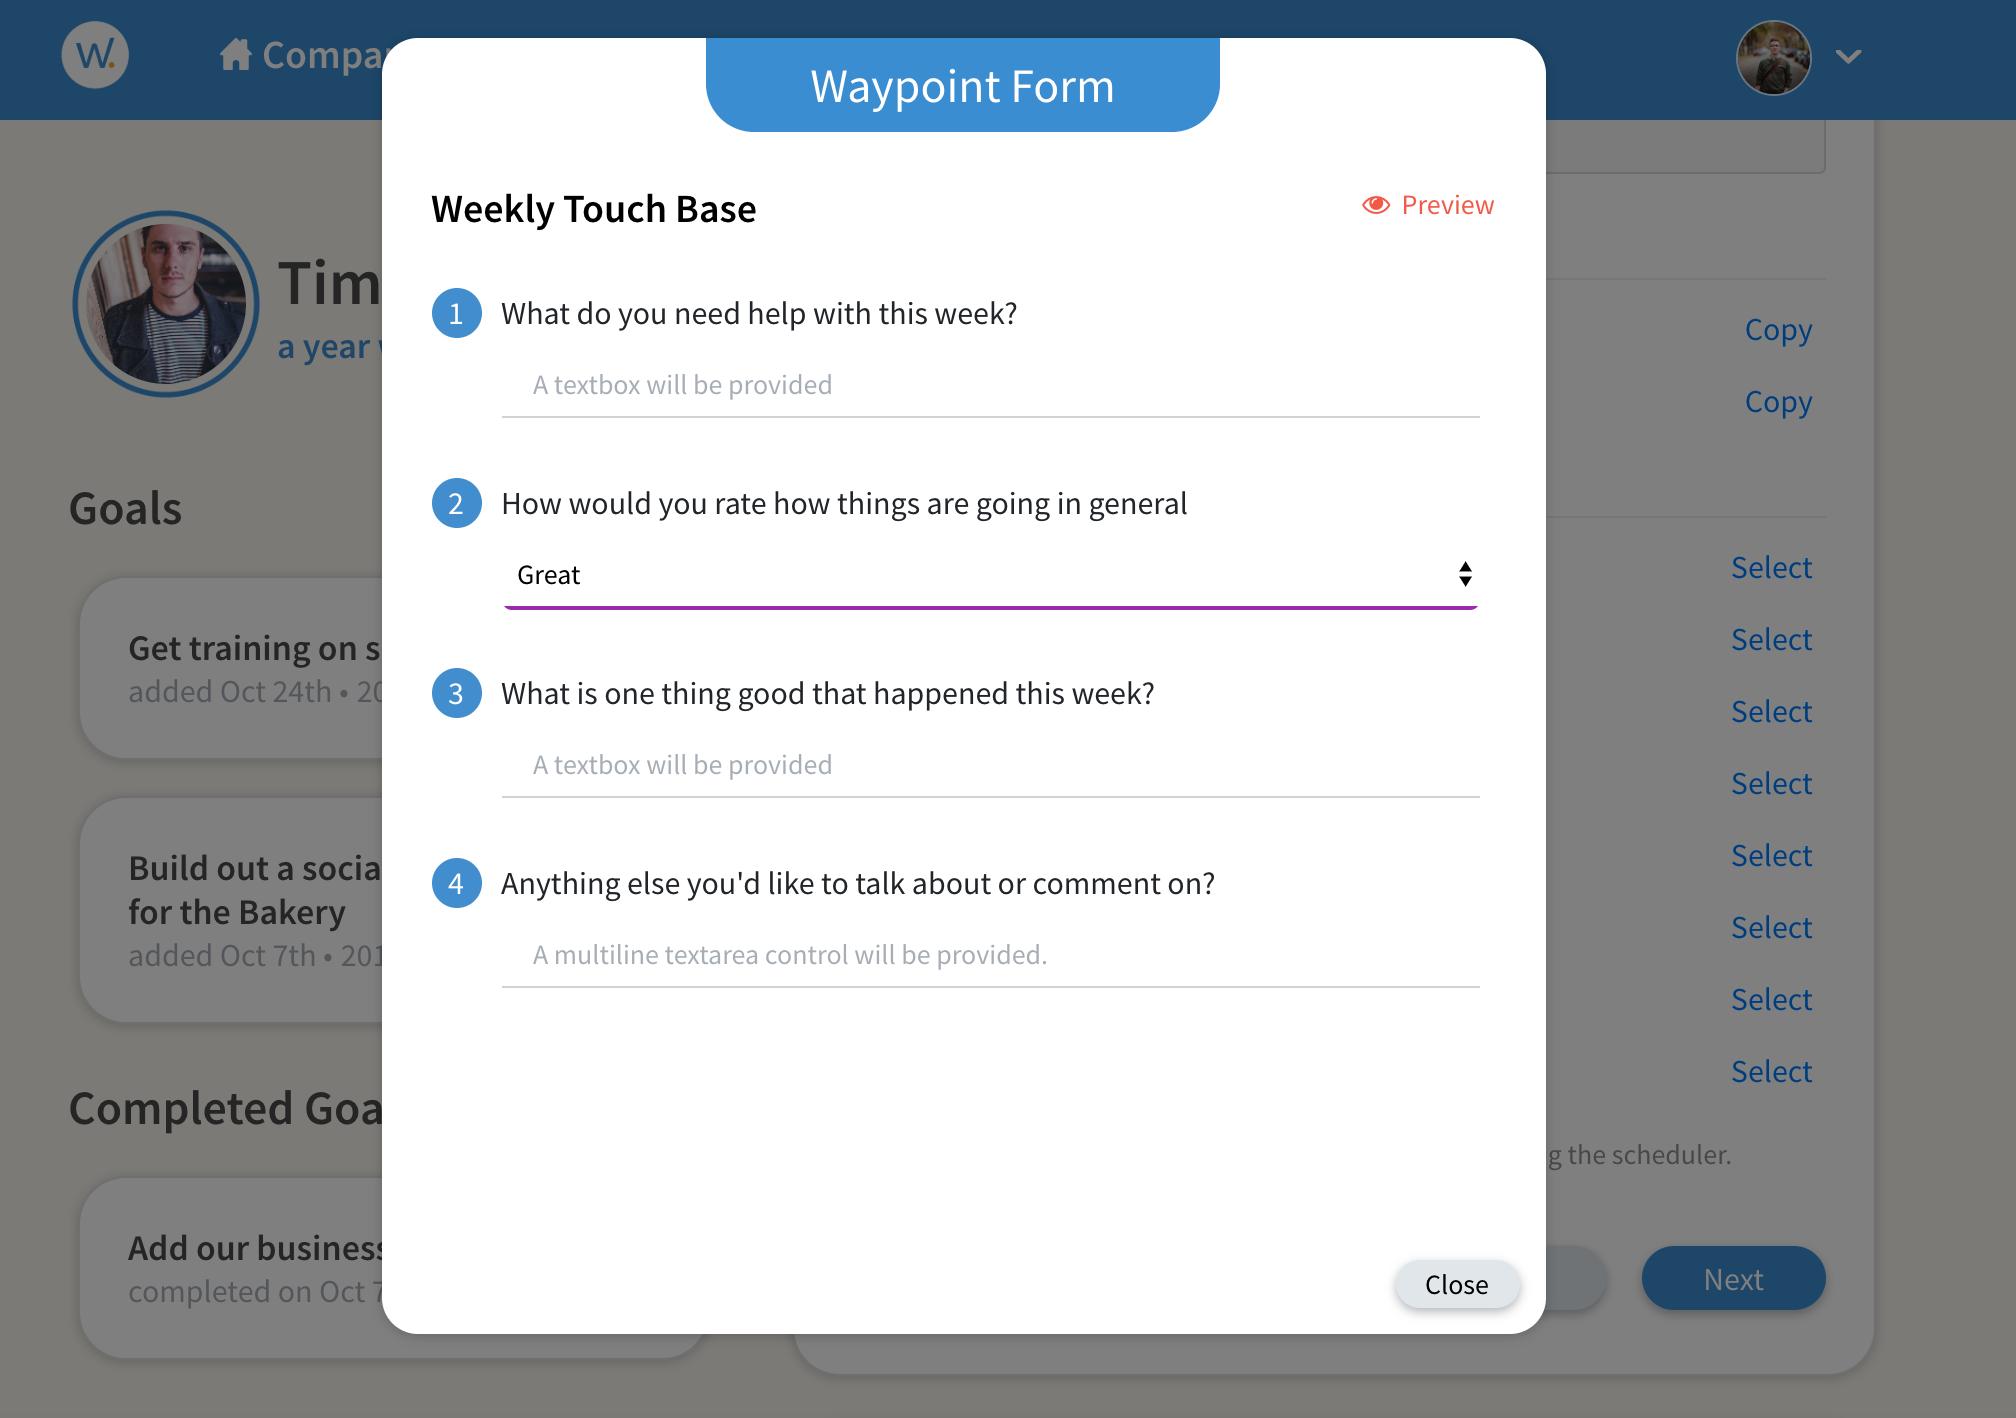 waypoint-form